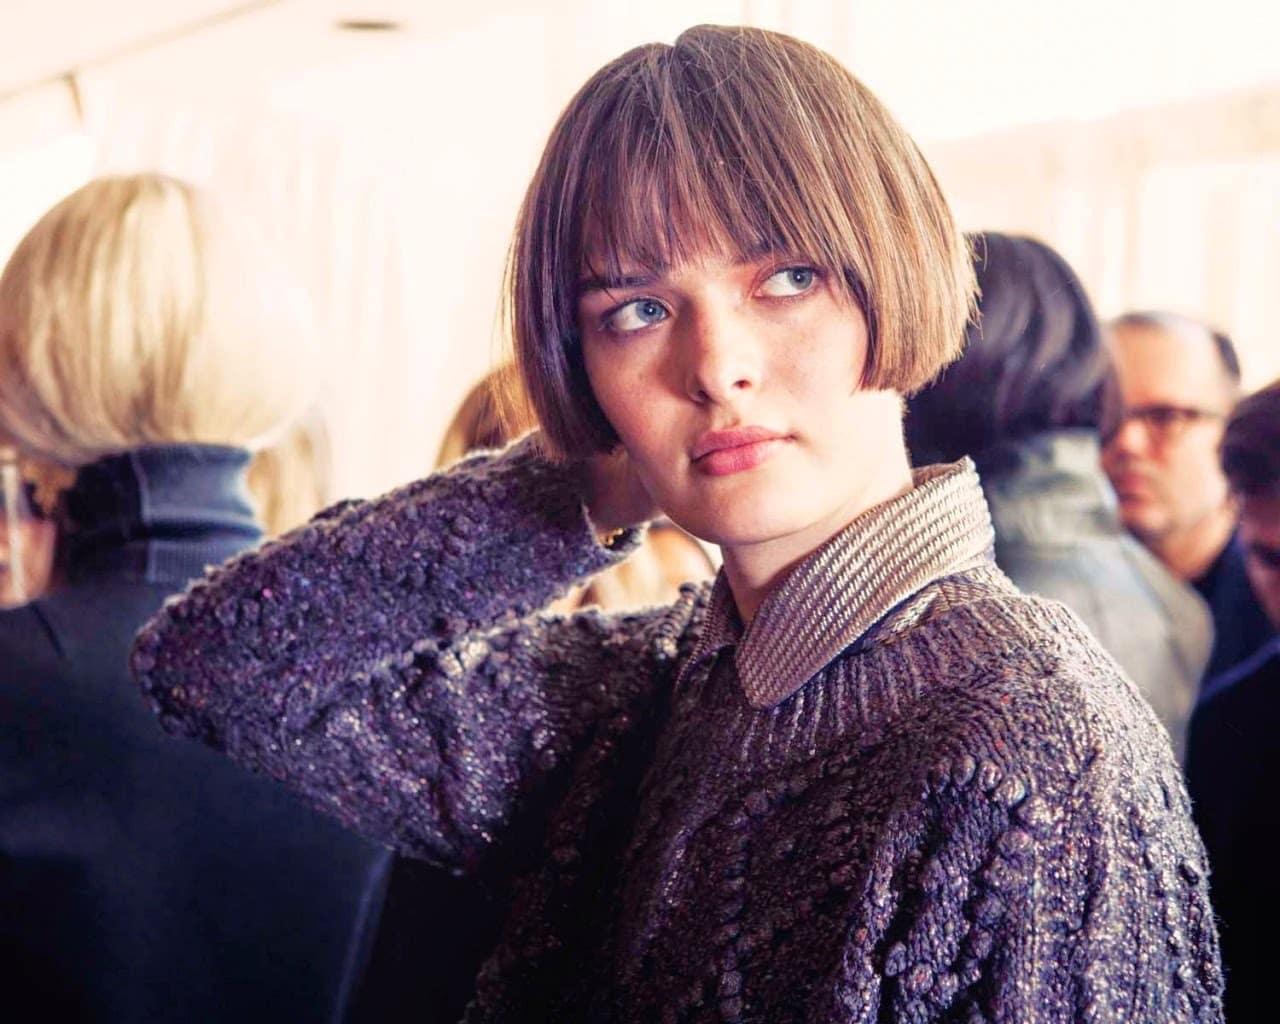 Французский боб: стрижка хит 2019 года, особенности стрижки, подробности парикмахерских техник